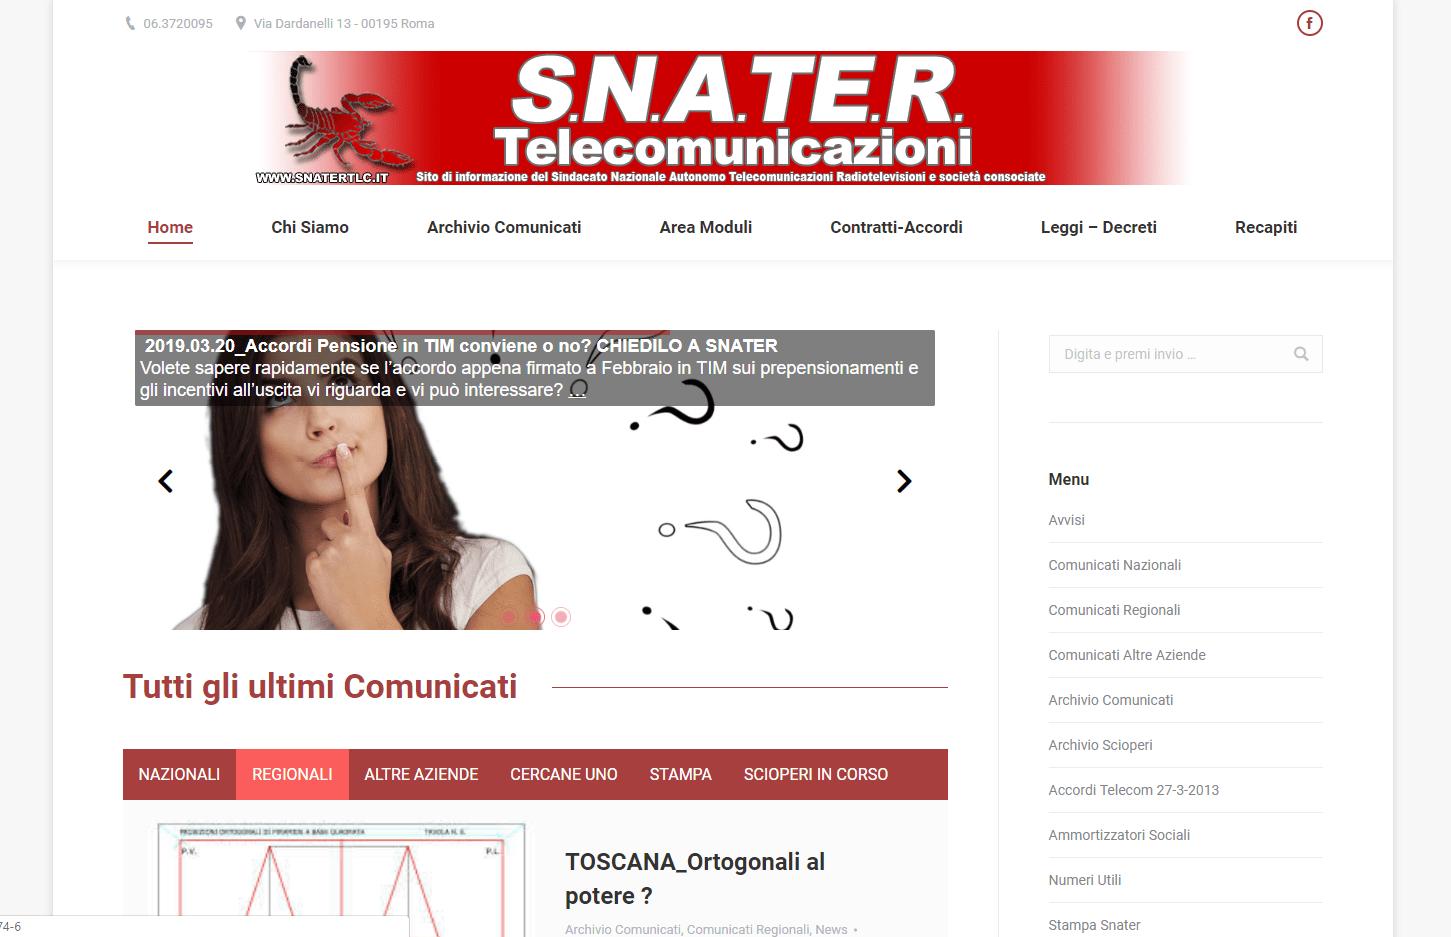 Snatertlc.it